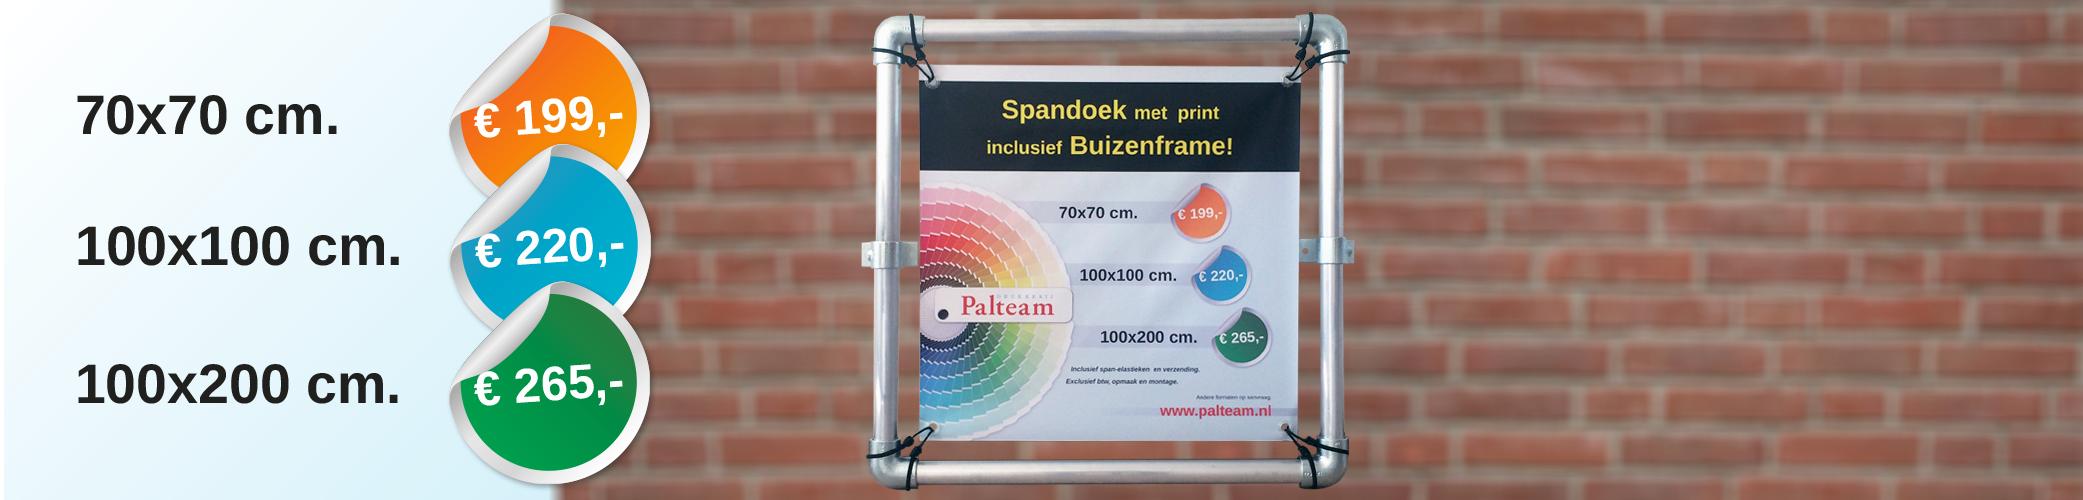 Spandoek met print inclusief buizenframe!